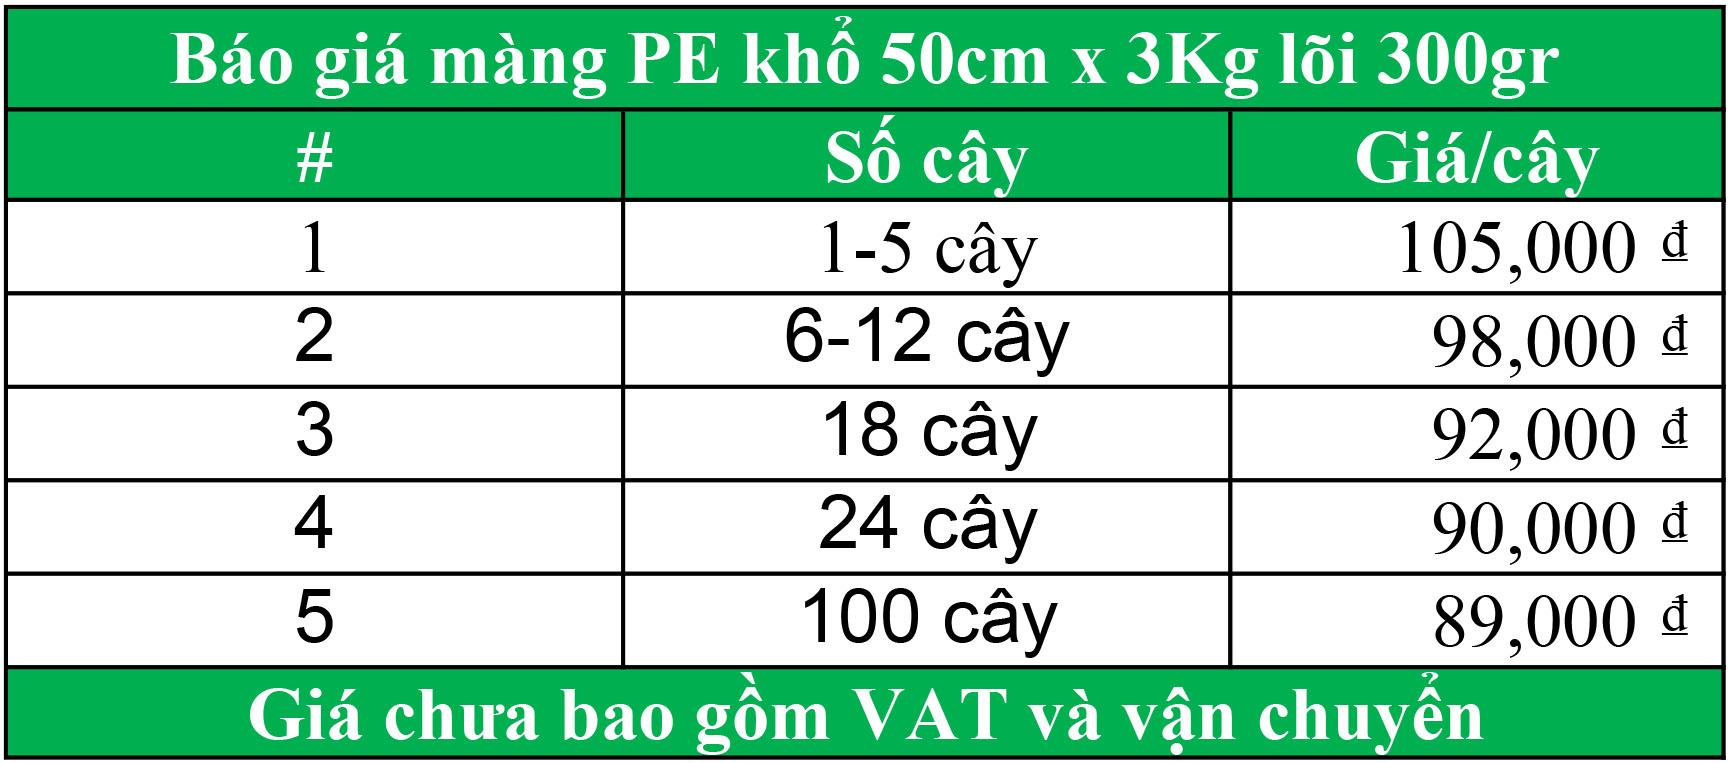 Giá màng PE khổ 50cm x 3kg lõi 300gr